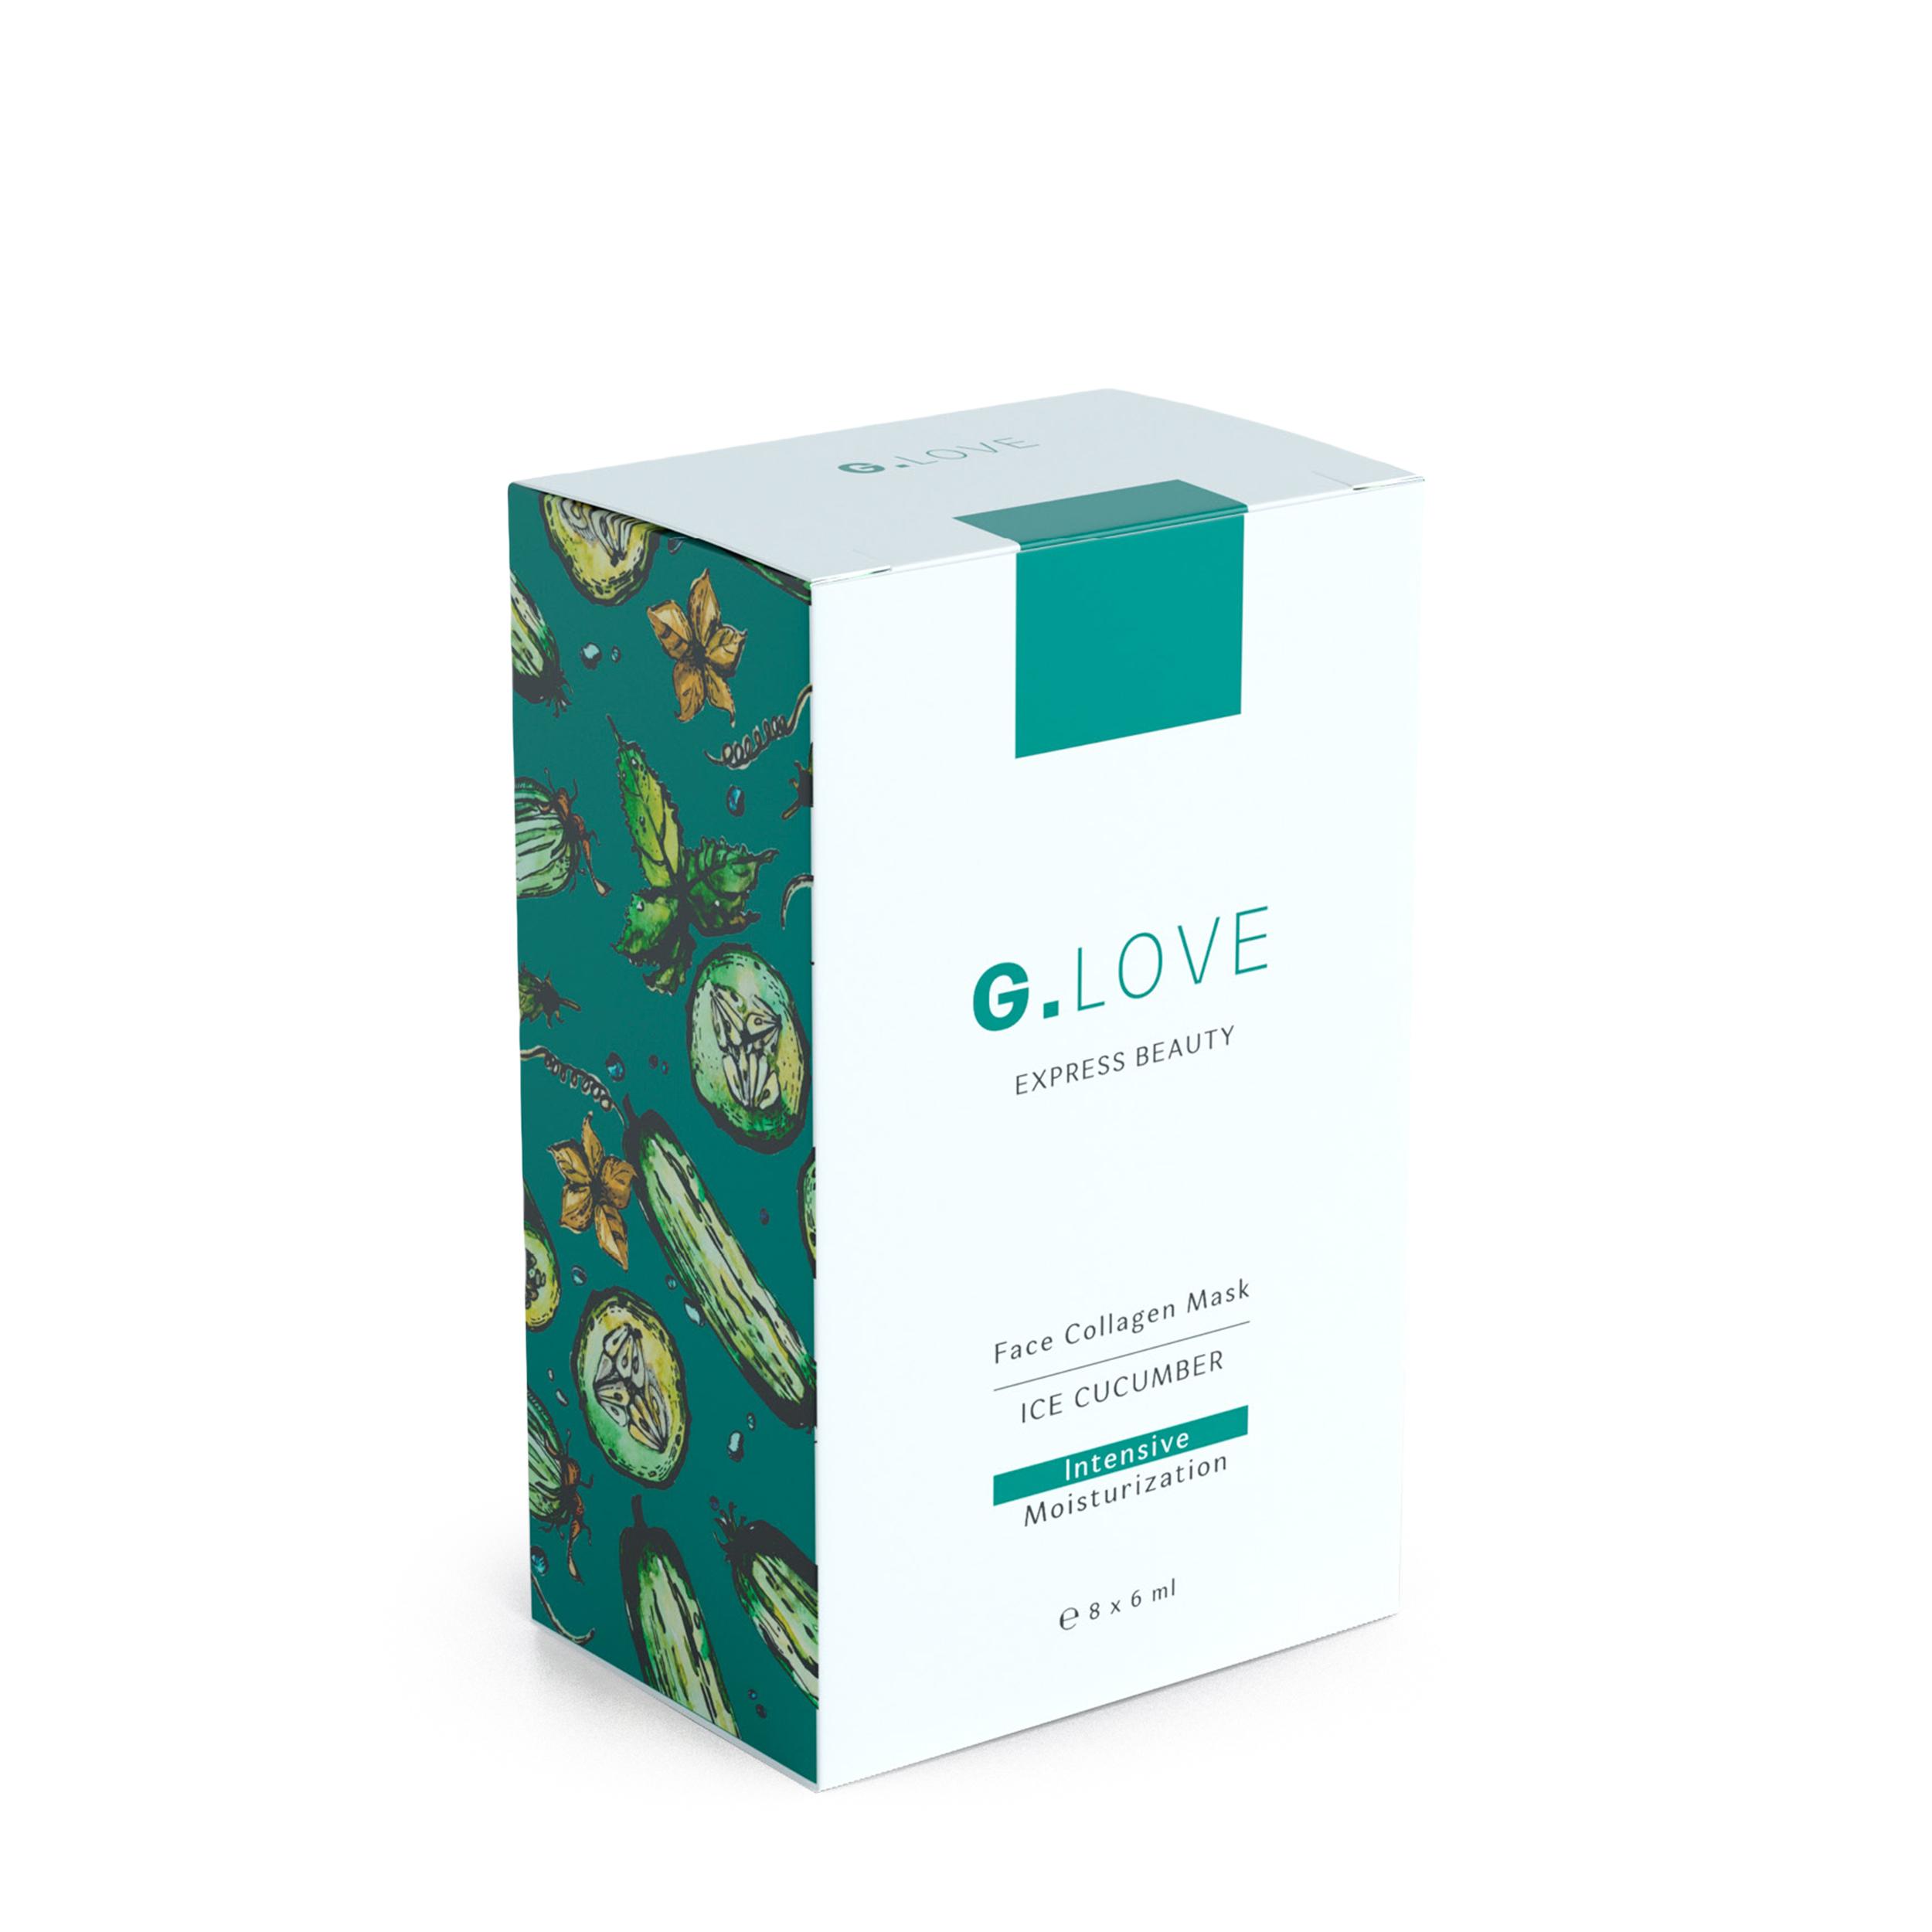 G.LOVE Коллагеновая маска для лица «Ice Cucumber» 8x6 мл фото